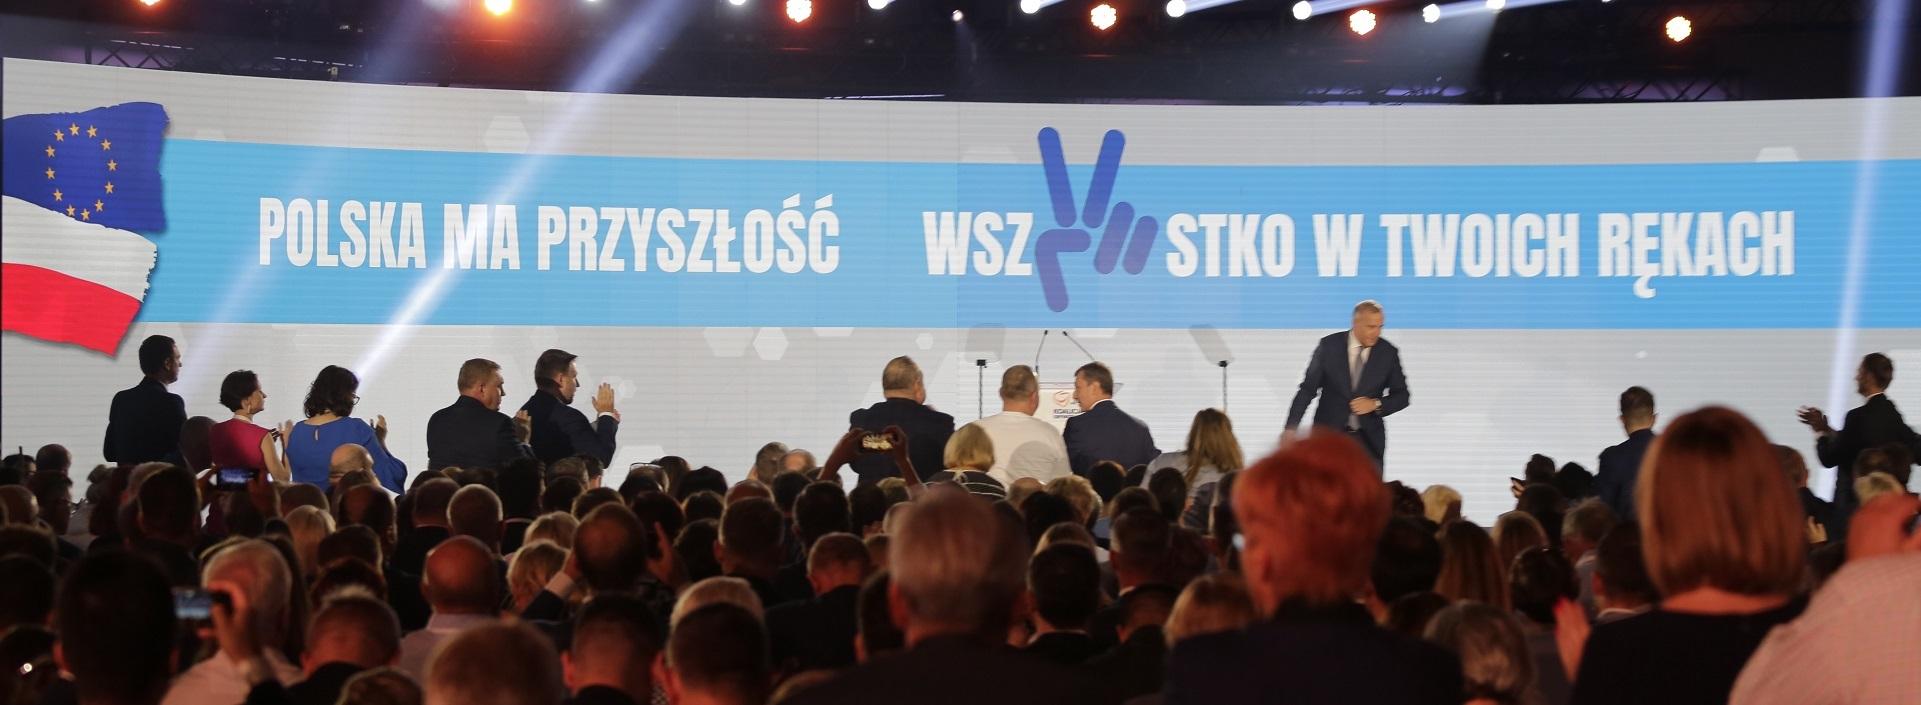 """Pod hasłem """" Polska ma przyszłość. Wszystko w twoich rękach"""" Koalicja Obywatelska rusza do wyborów"""